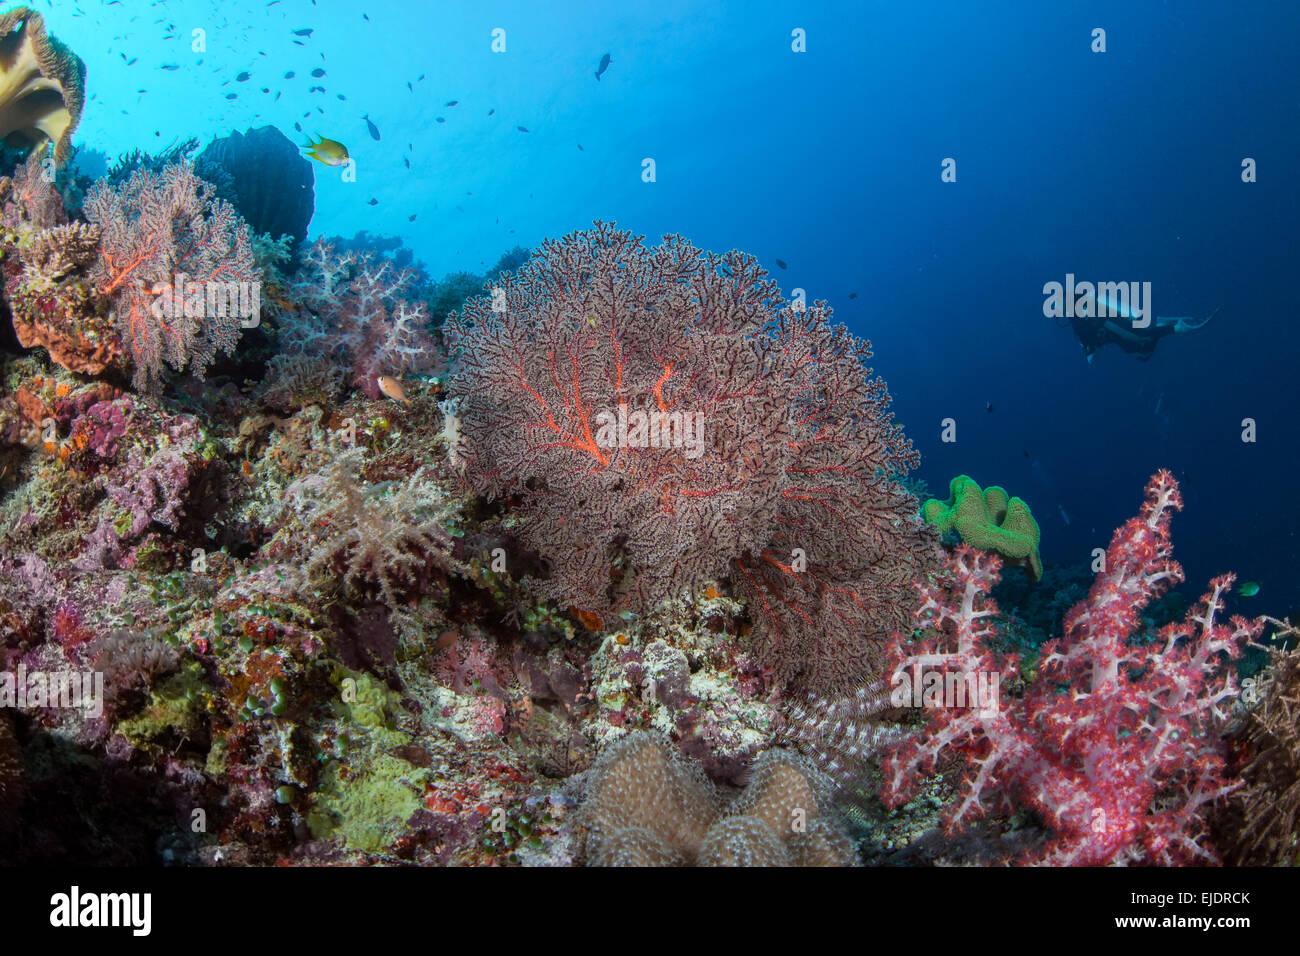 Los submarinistas exploran un arrecife de coral con corales blandos en una variedad de colores pastel. Spratly, en el Mar del Sur de China. Julio, 2014 Foto de stock